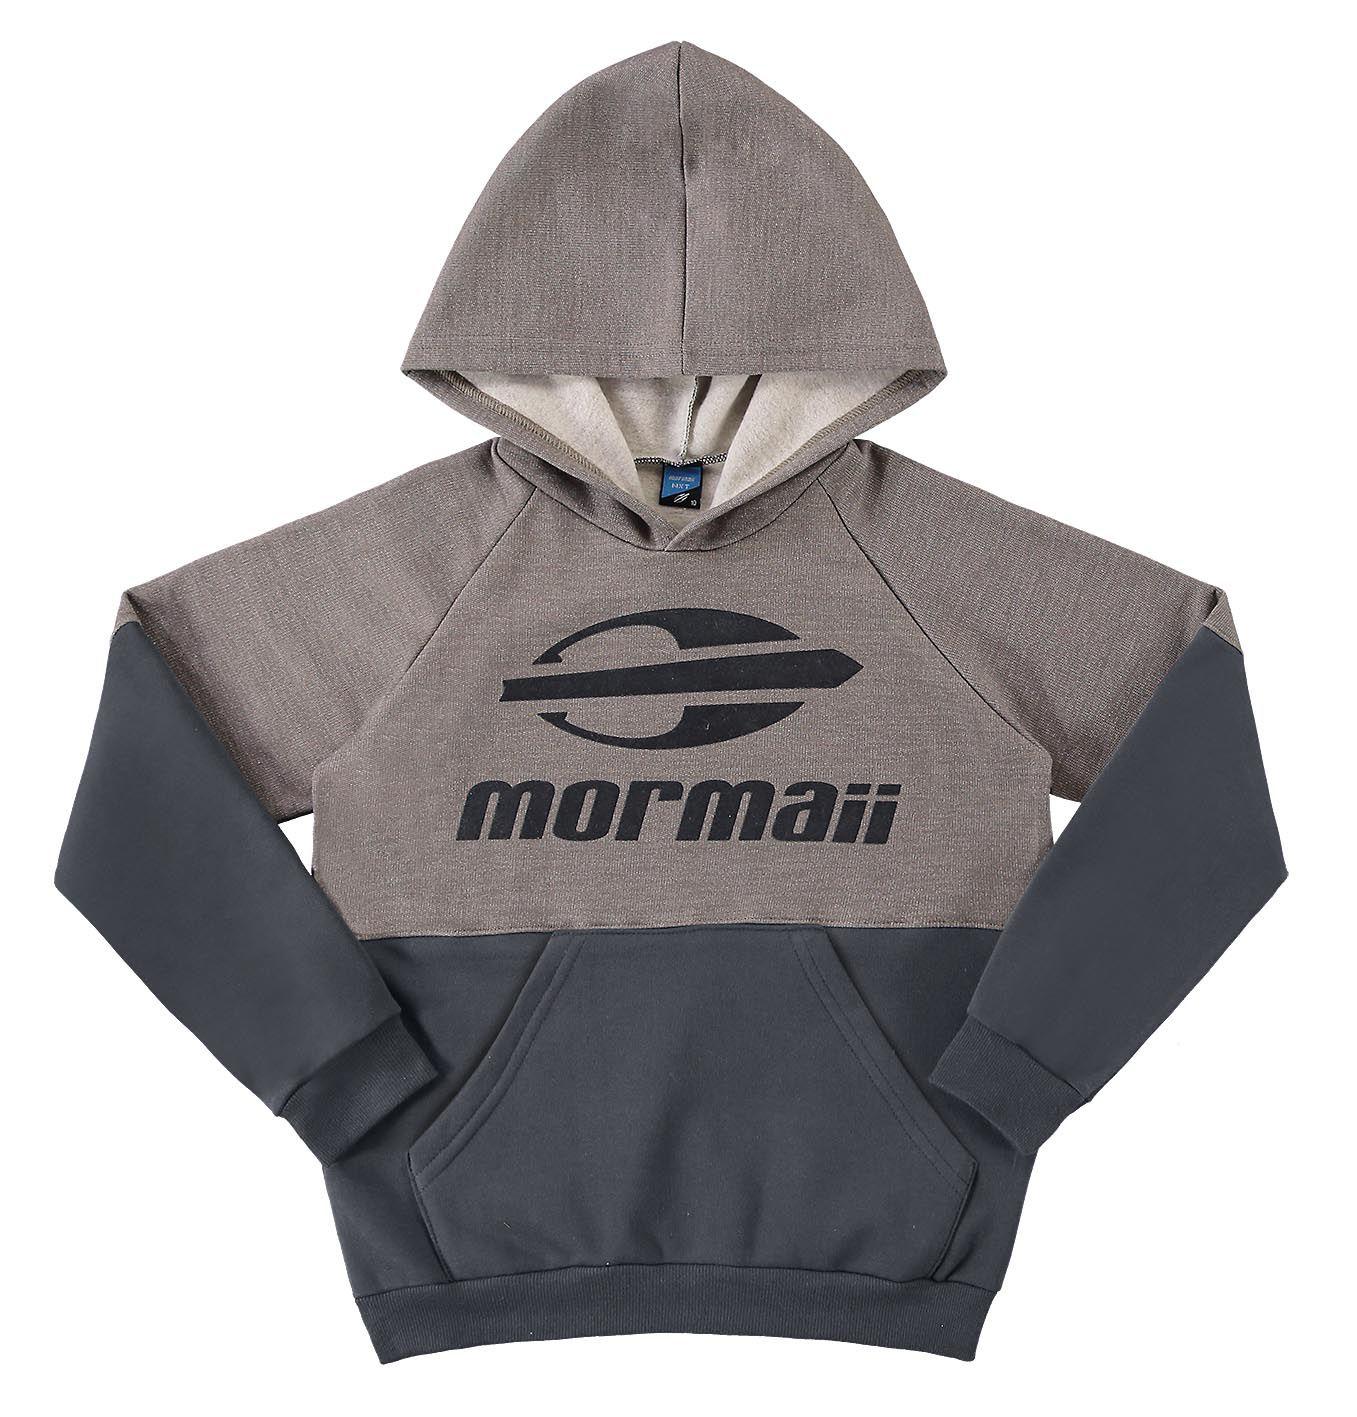 Blusão infantil masculino com capuz em moletom Mormaii